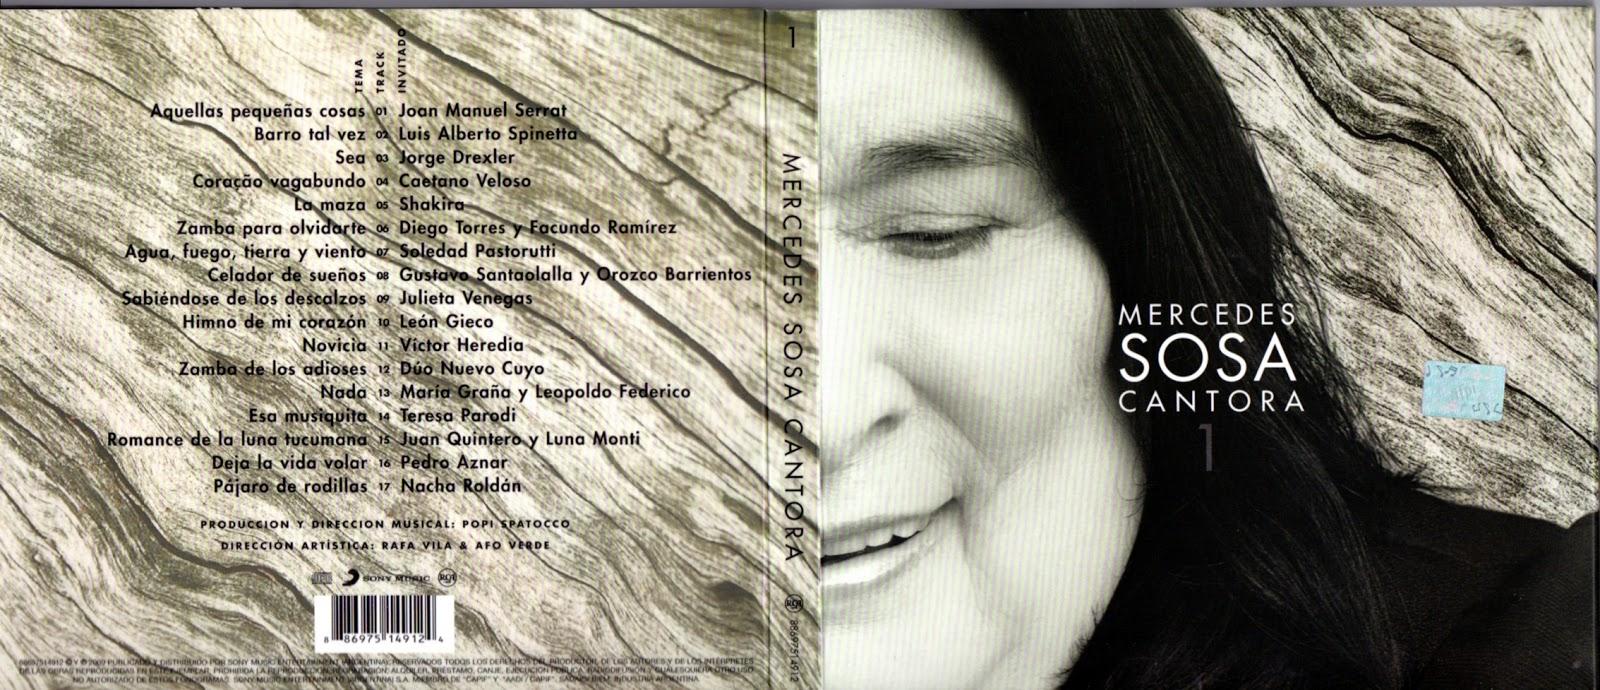 Descargar Download Gratis Sosa Mercedes Cantora 1